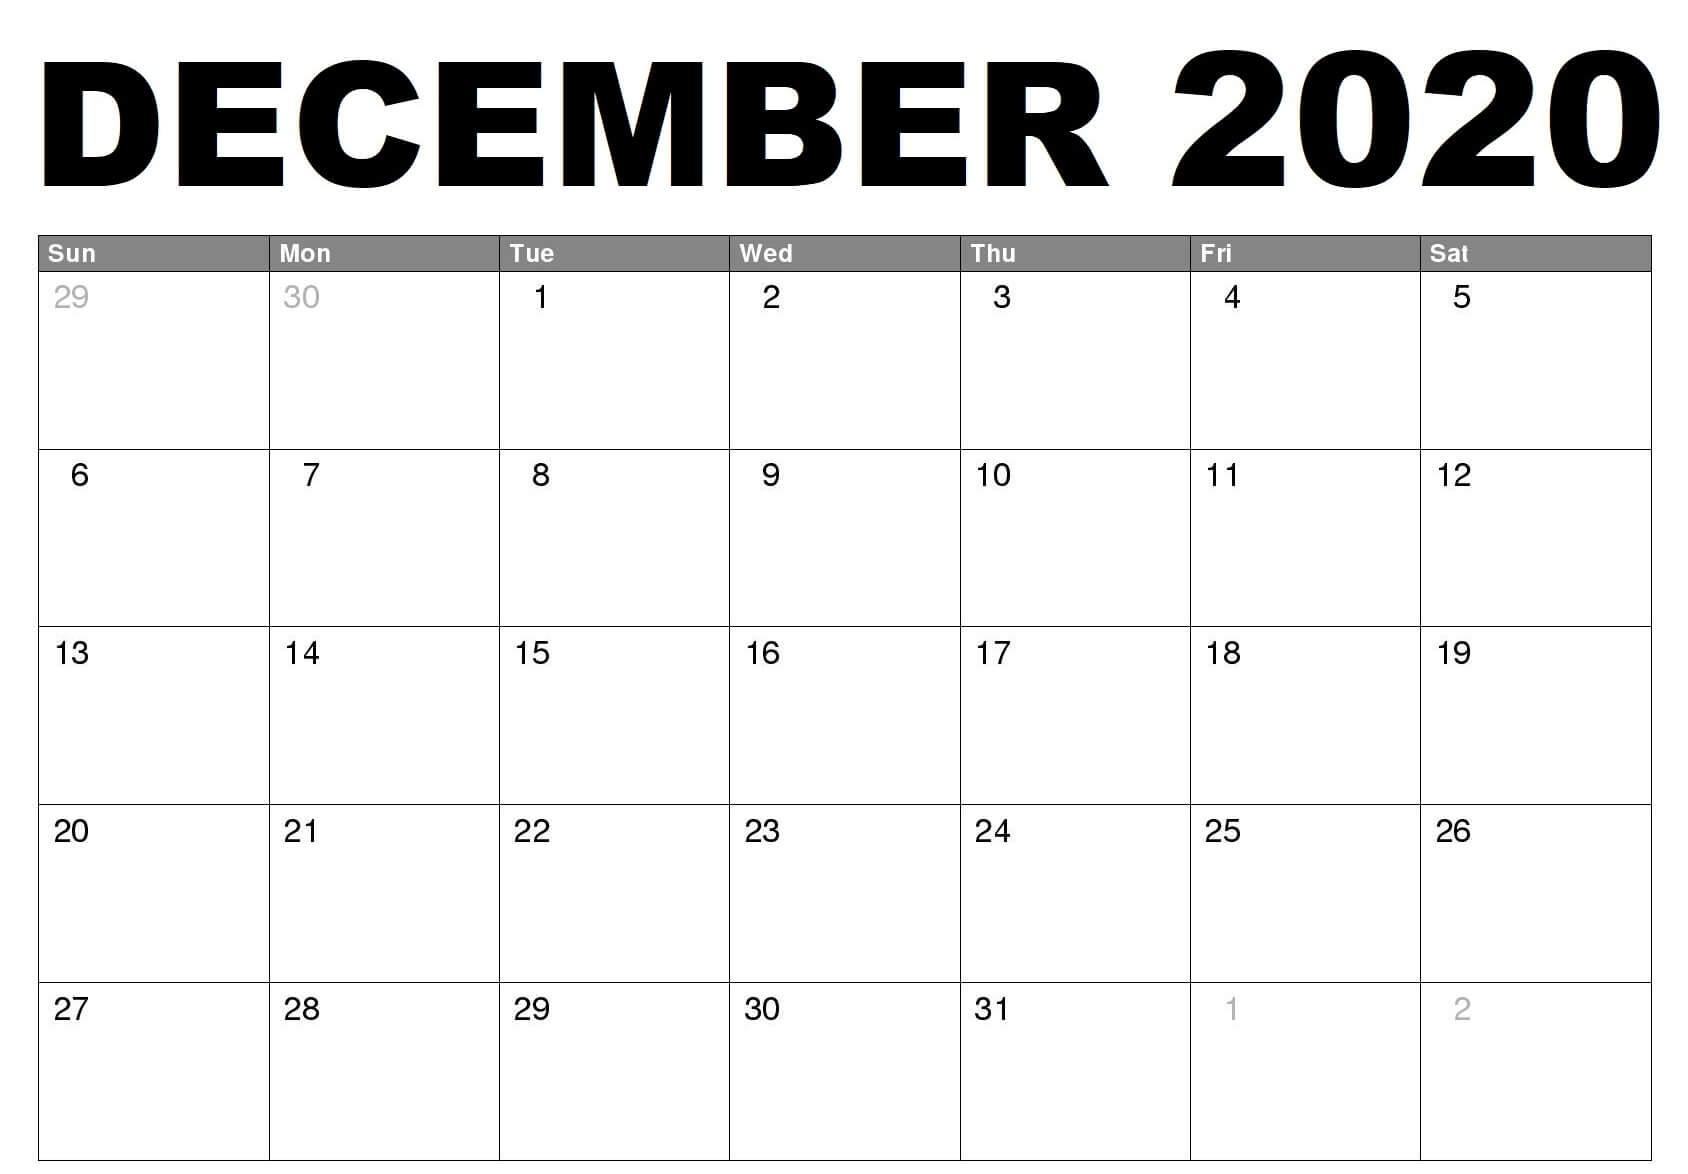 Free December 2020 Calendar Template